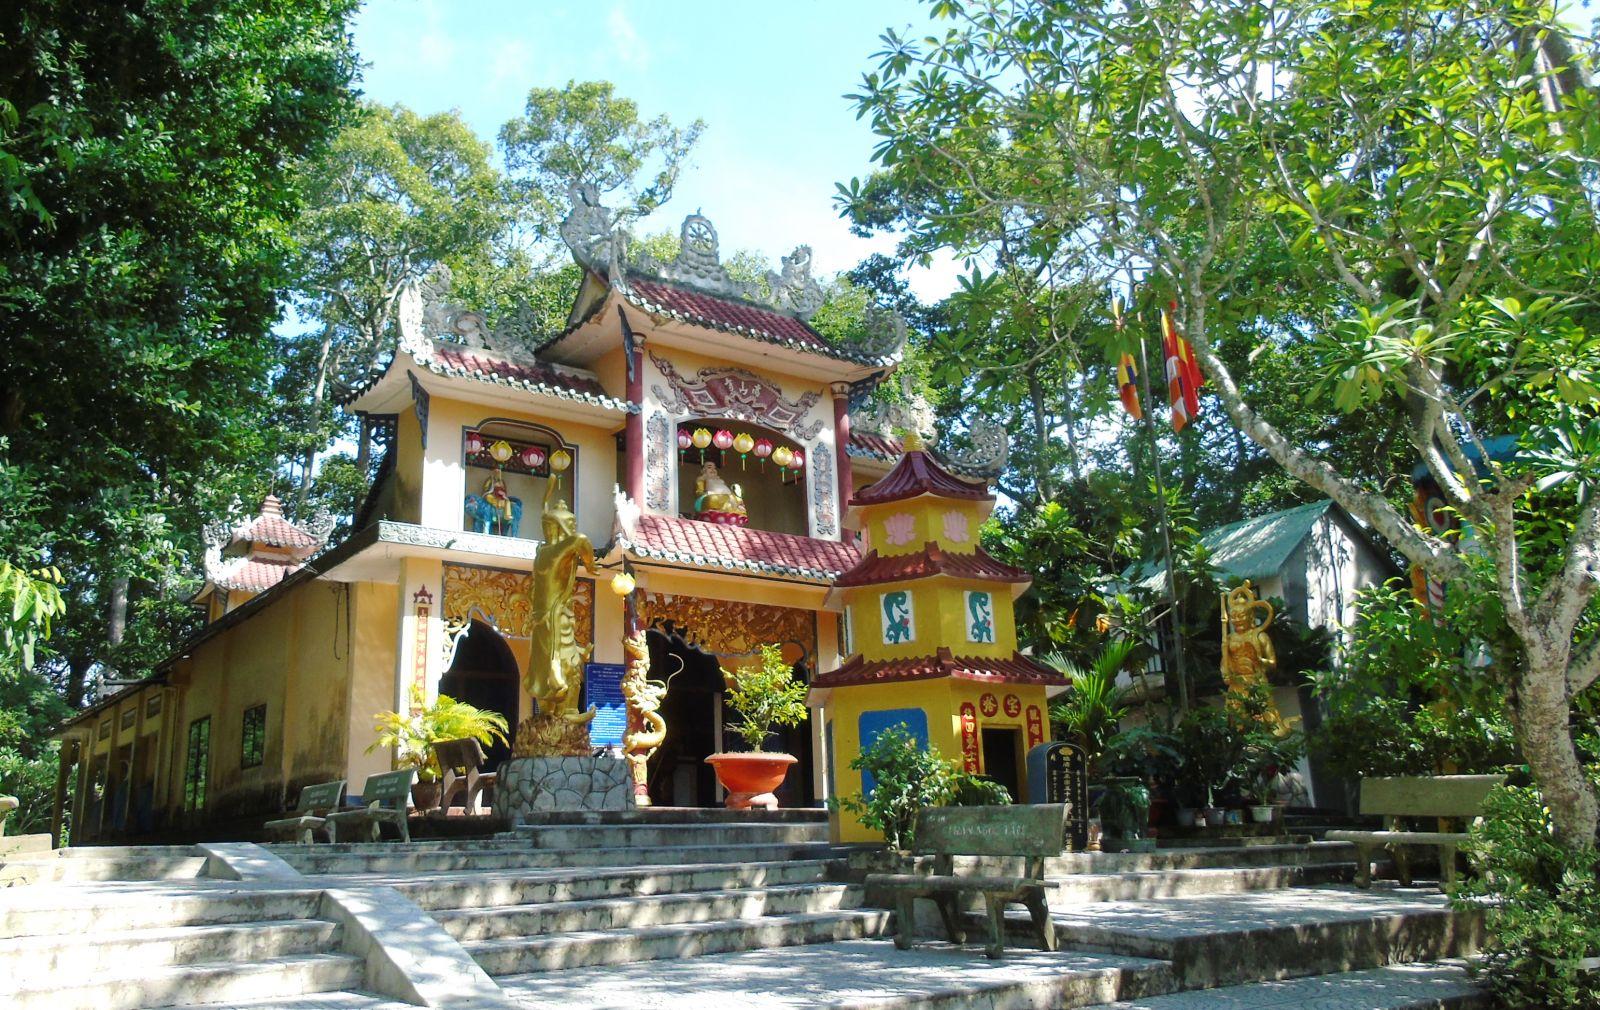 Hình minh họa: Di tích Gò Chùa Cao Sơn, ở ấp xóm Mía, xã Phước Trạch, huyện Gò Dầu, Tây Ninh: Nguồn báo Tây Ninh